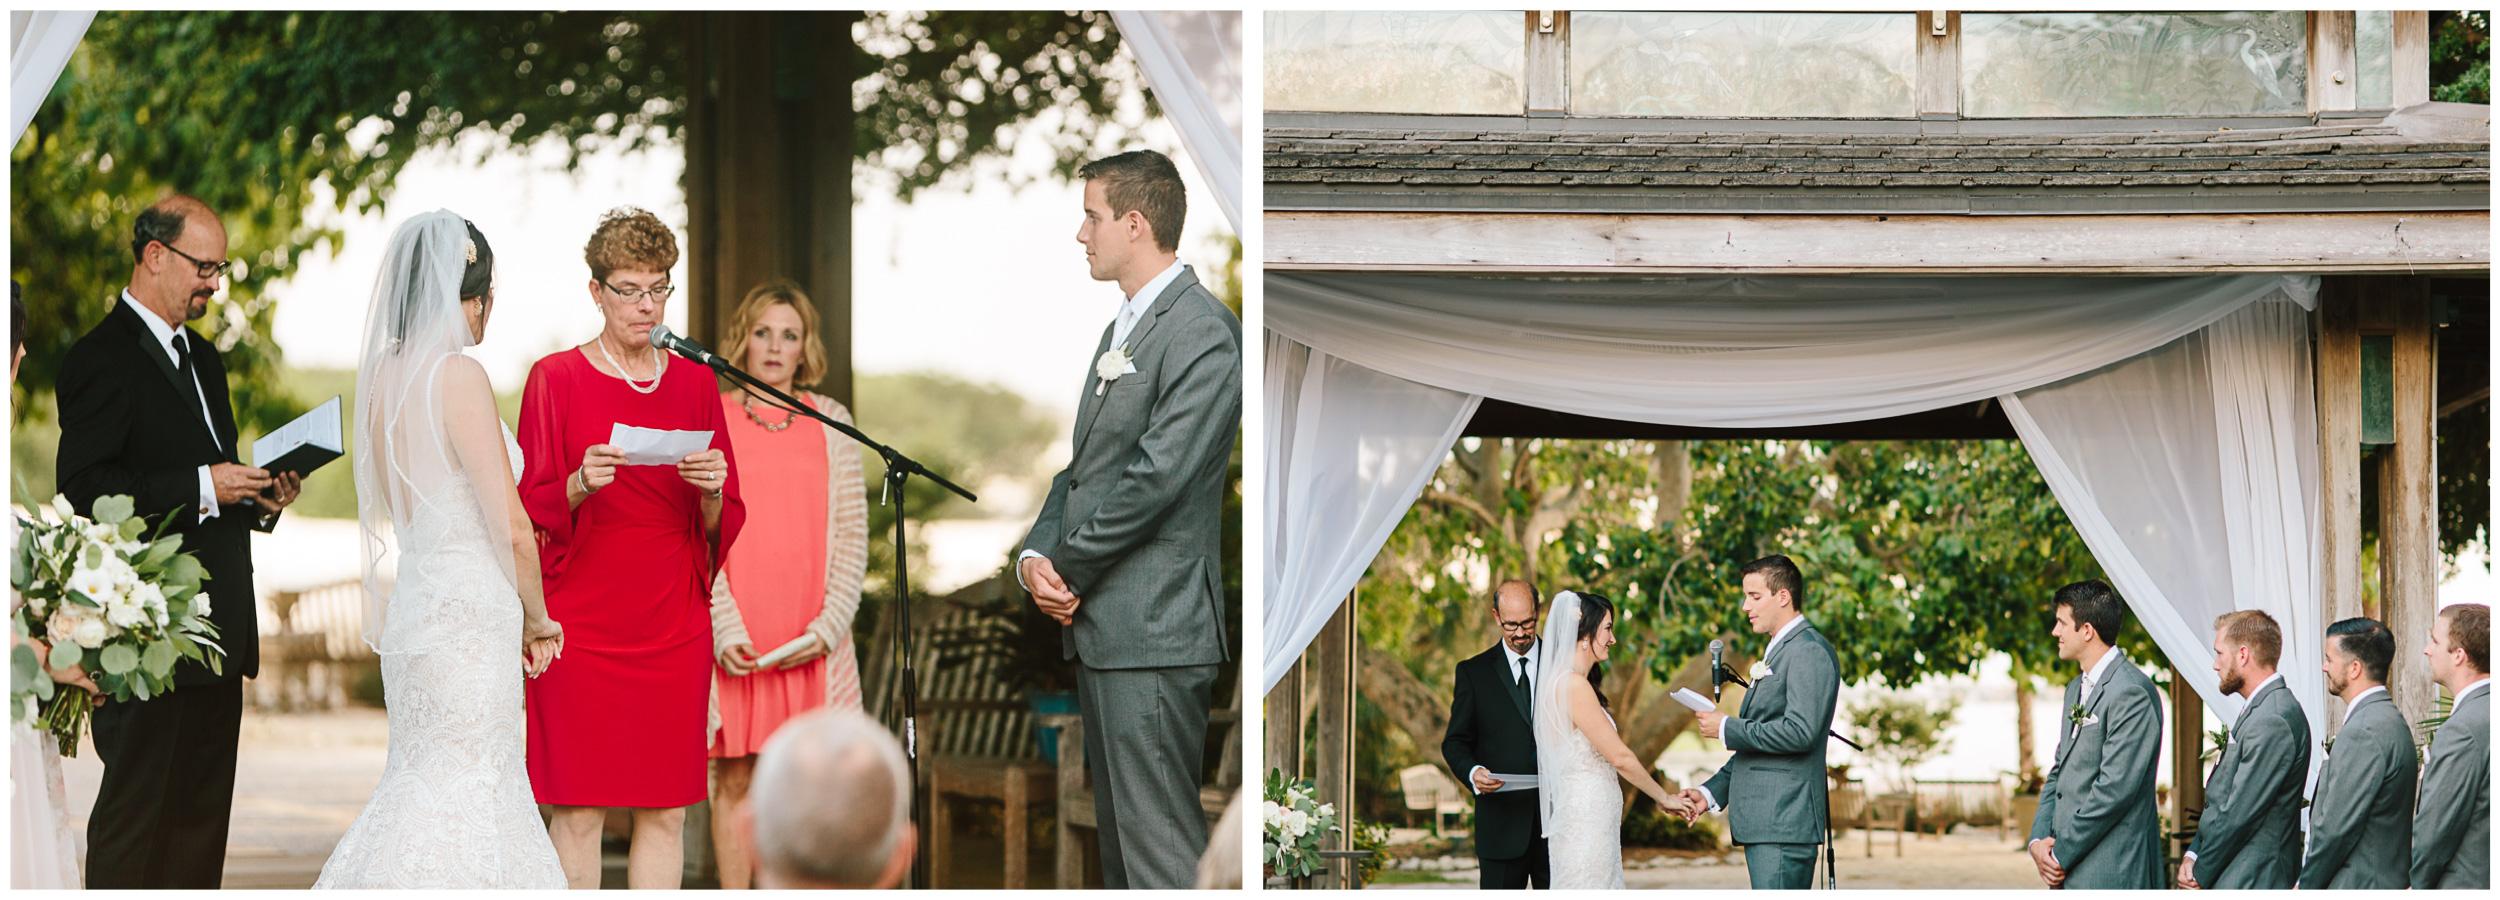 marie_selby_wedding_62.jpg